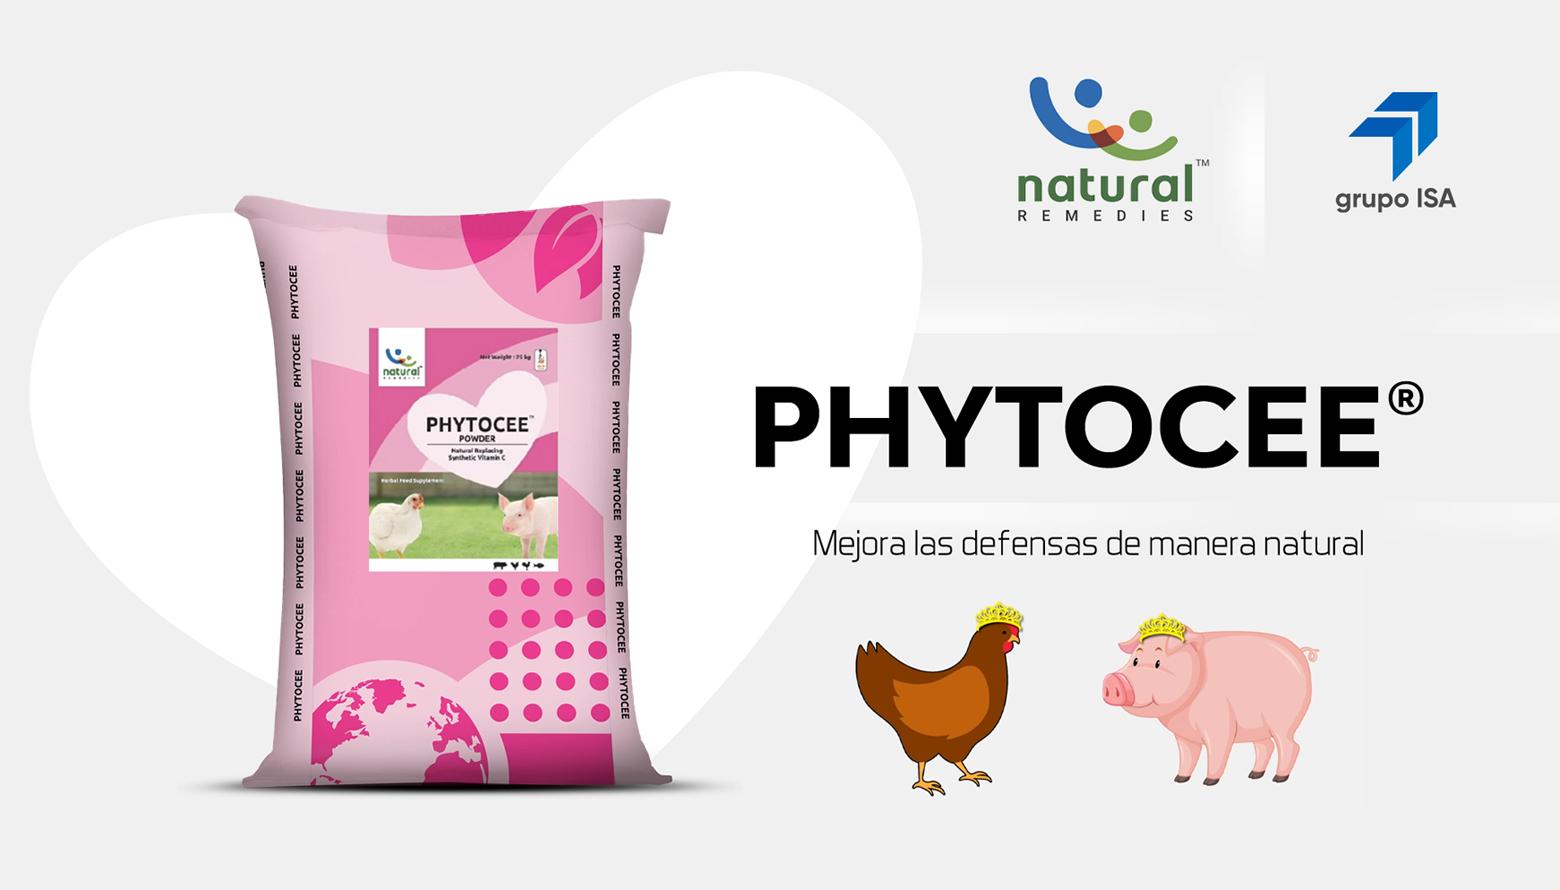 PHYTOCEE® Mejora las defensas de manera natural